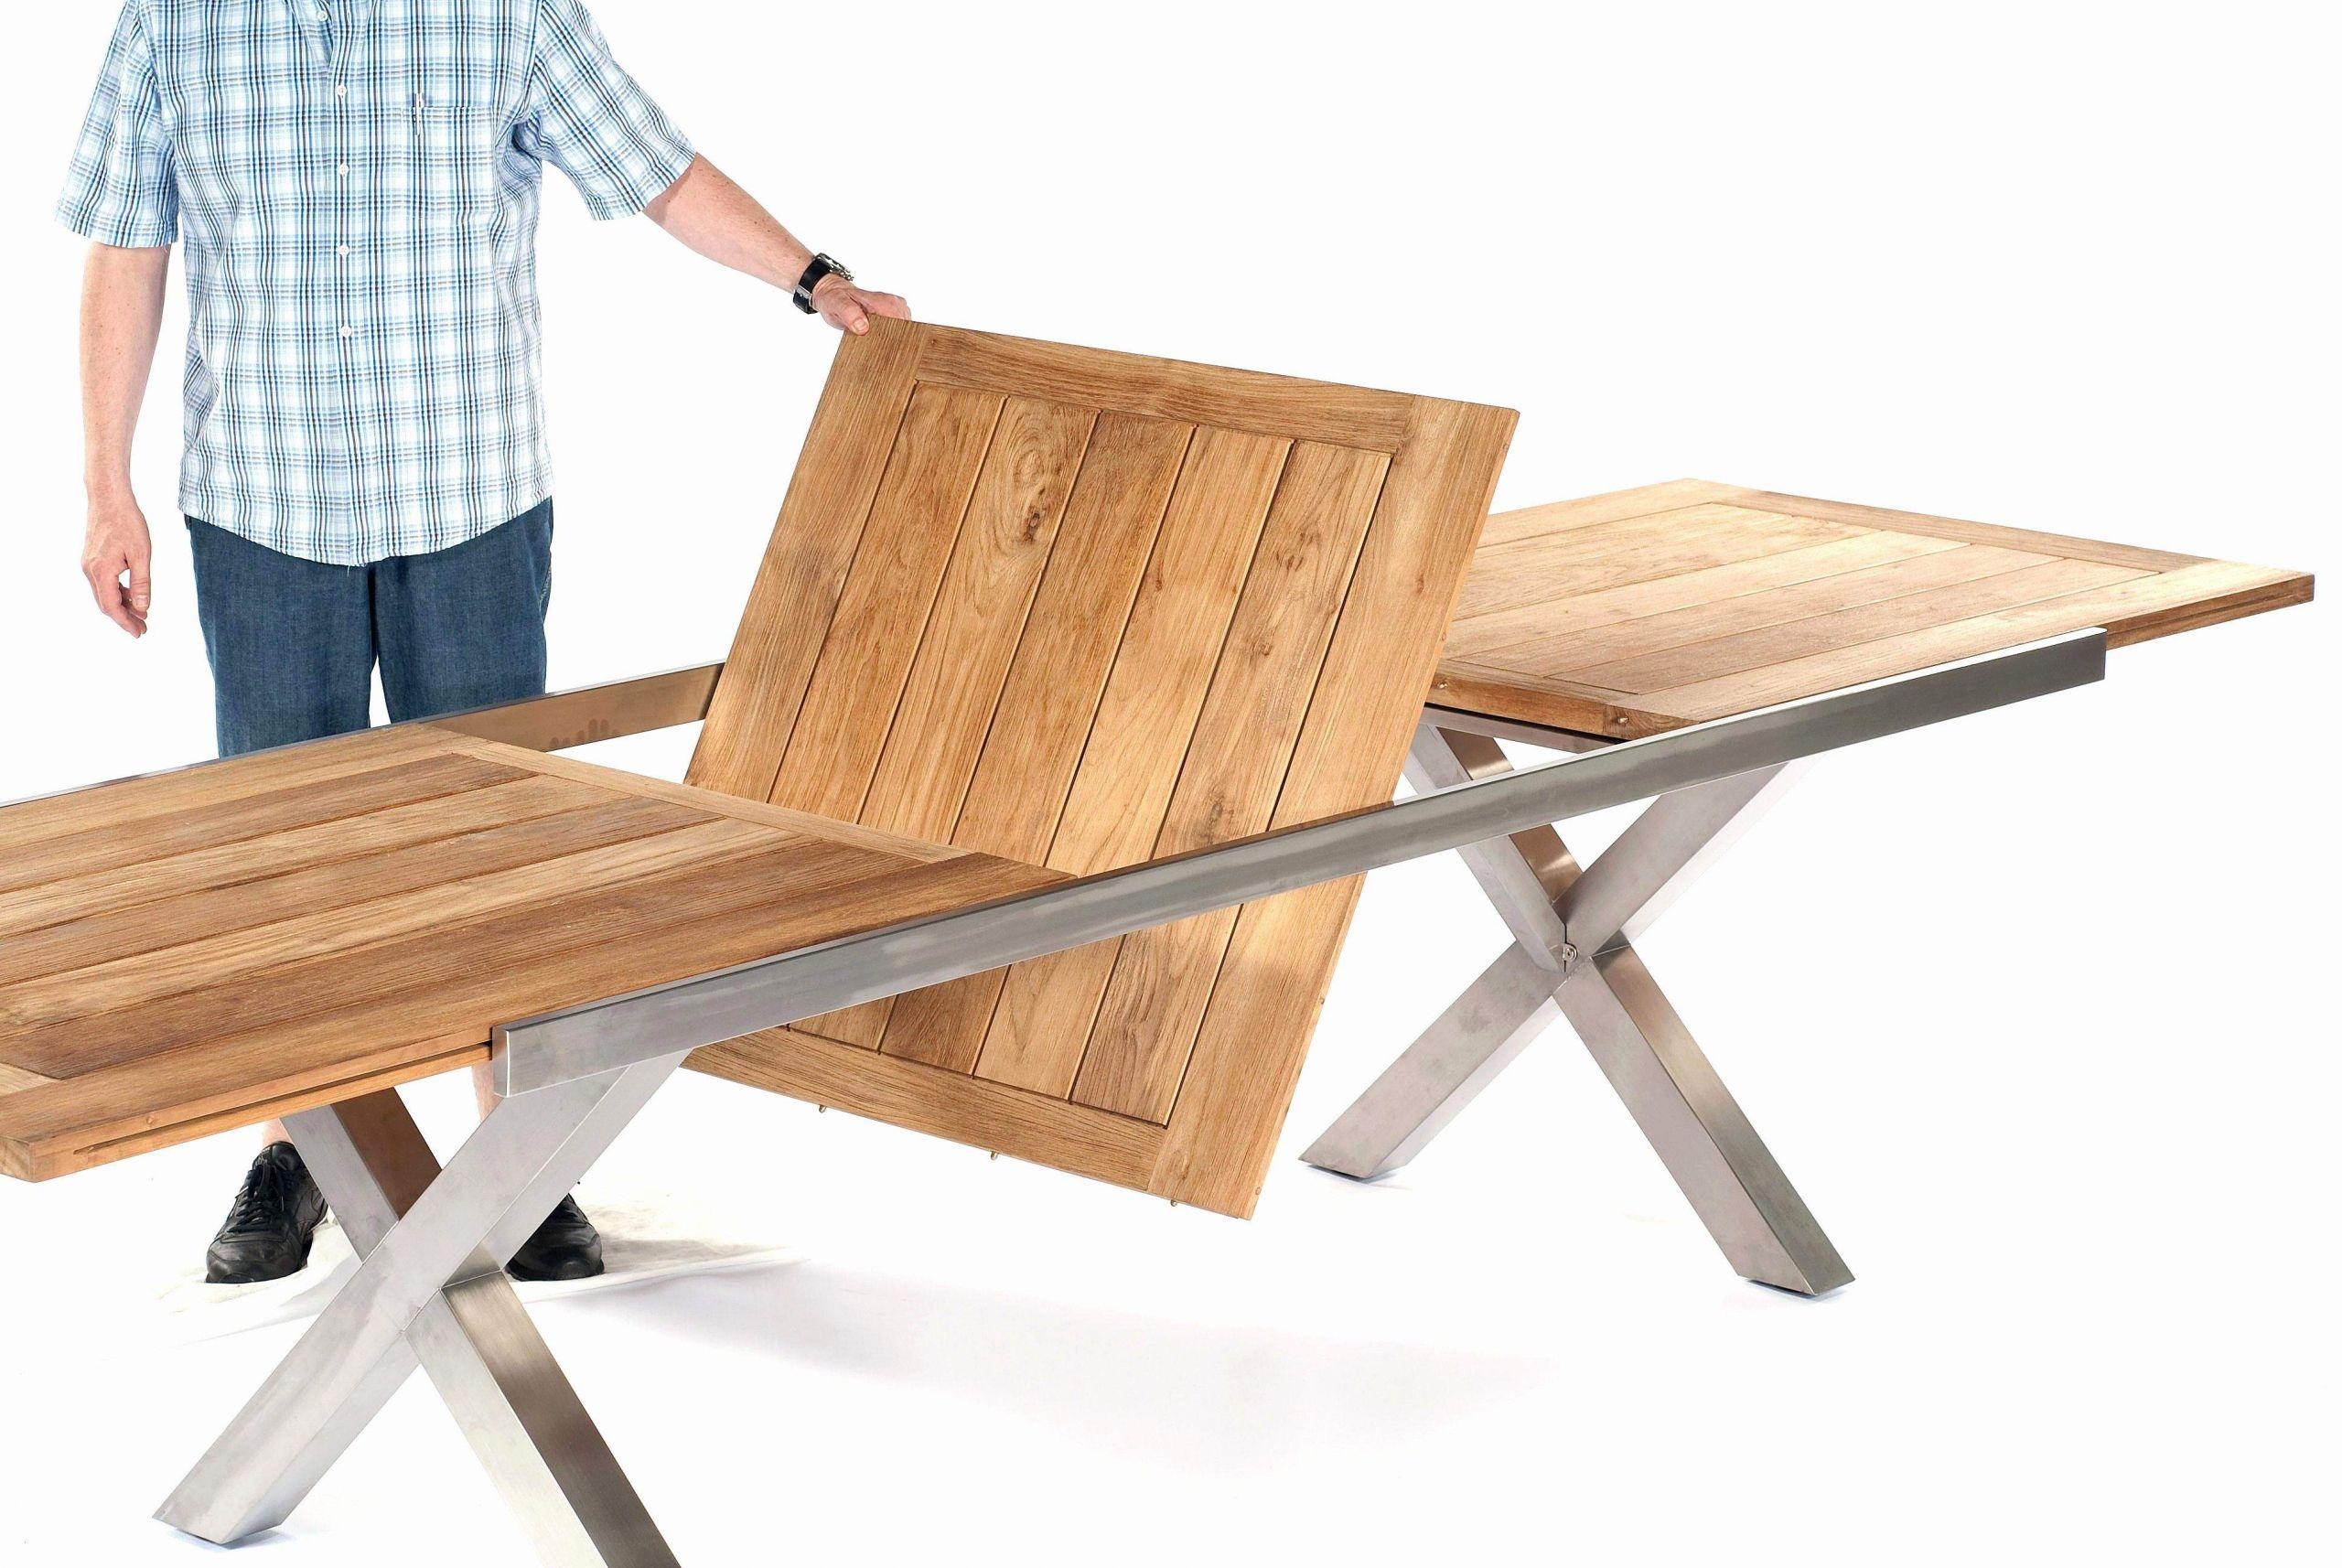 Garten Holztisch Einzigartig Gartentisch 2 Stühle Gartentisch Wunderbar Holztisch Garten